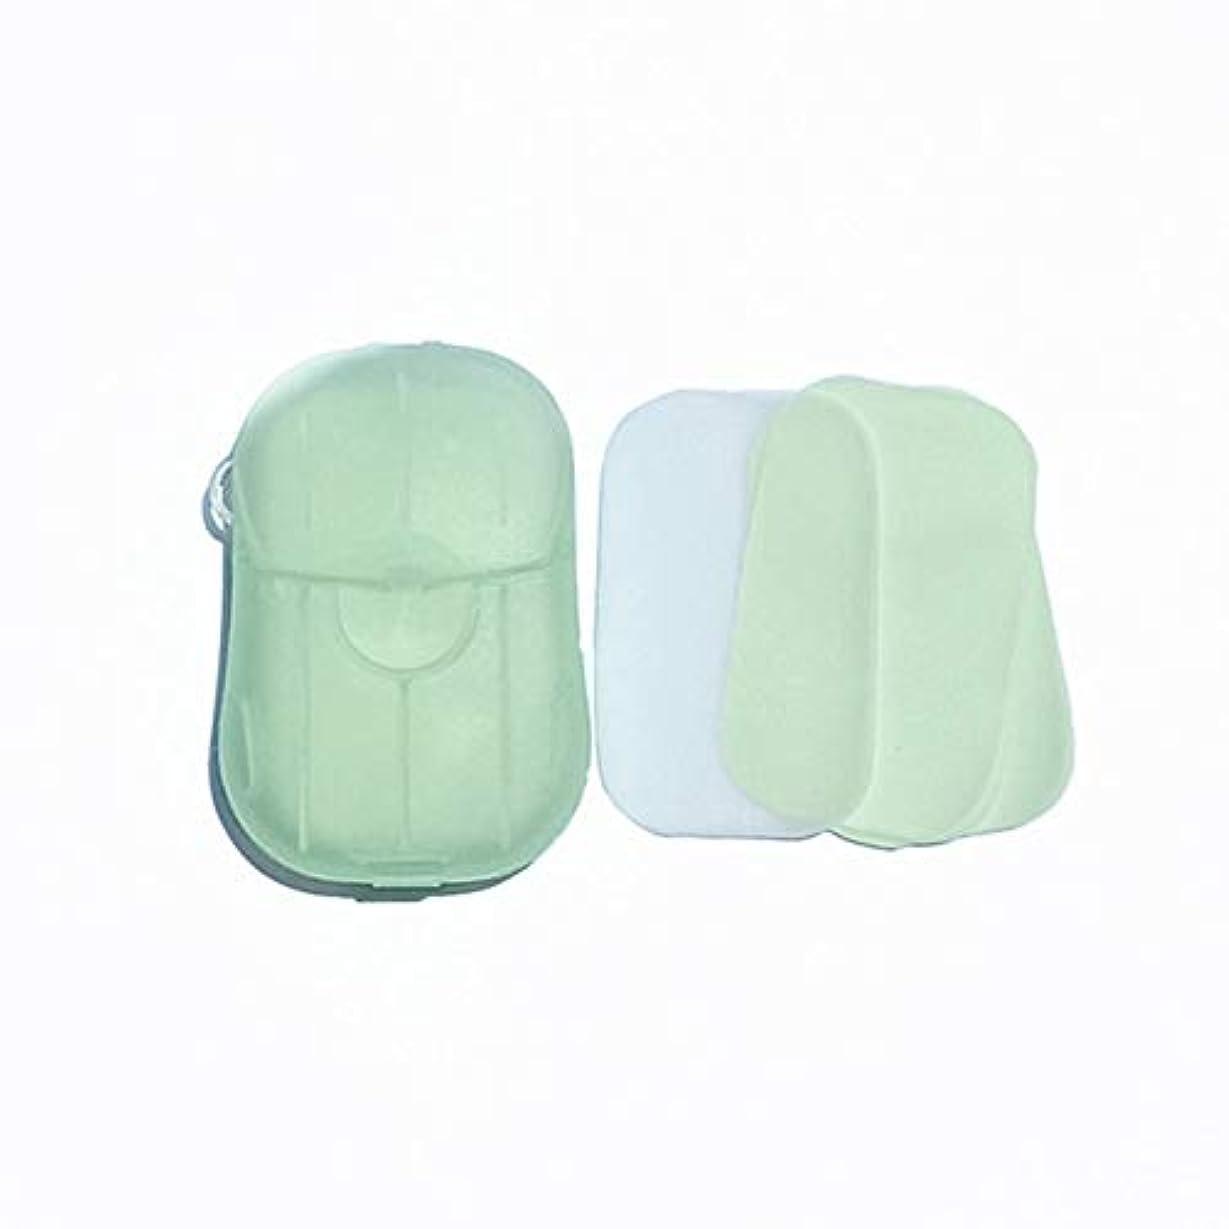 答え移動理論Feglin-joy ペーパーソープ せっけん紙 除菌 石鹸 手洗い お風呂 旅行携帯用 紙せっけん かみせっけん 香り 20枚入 ケース付き(よもぎ)